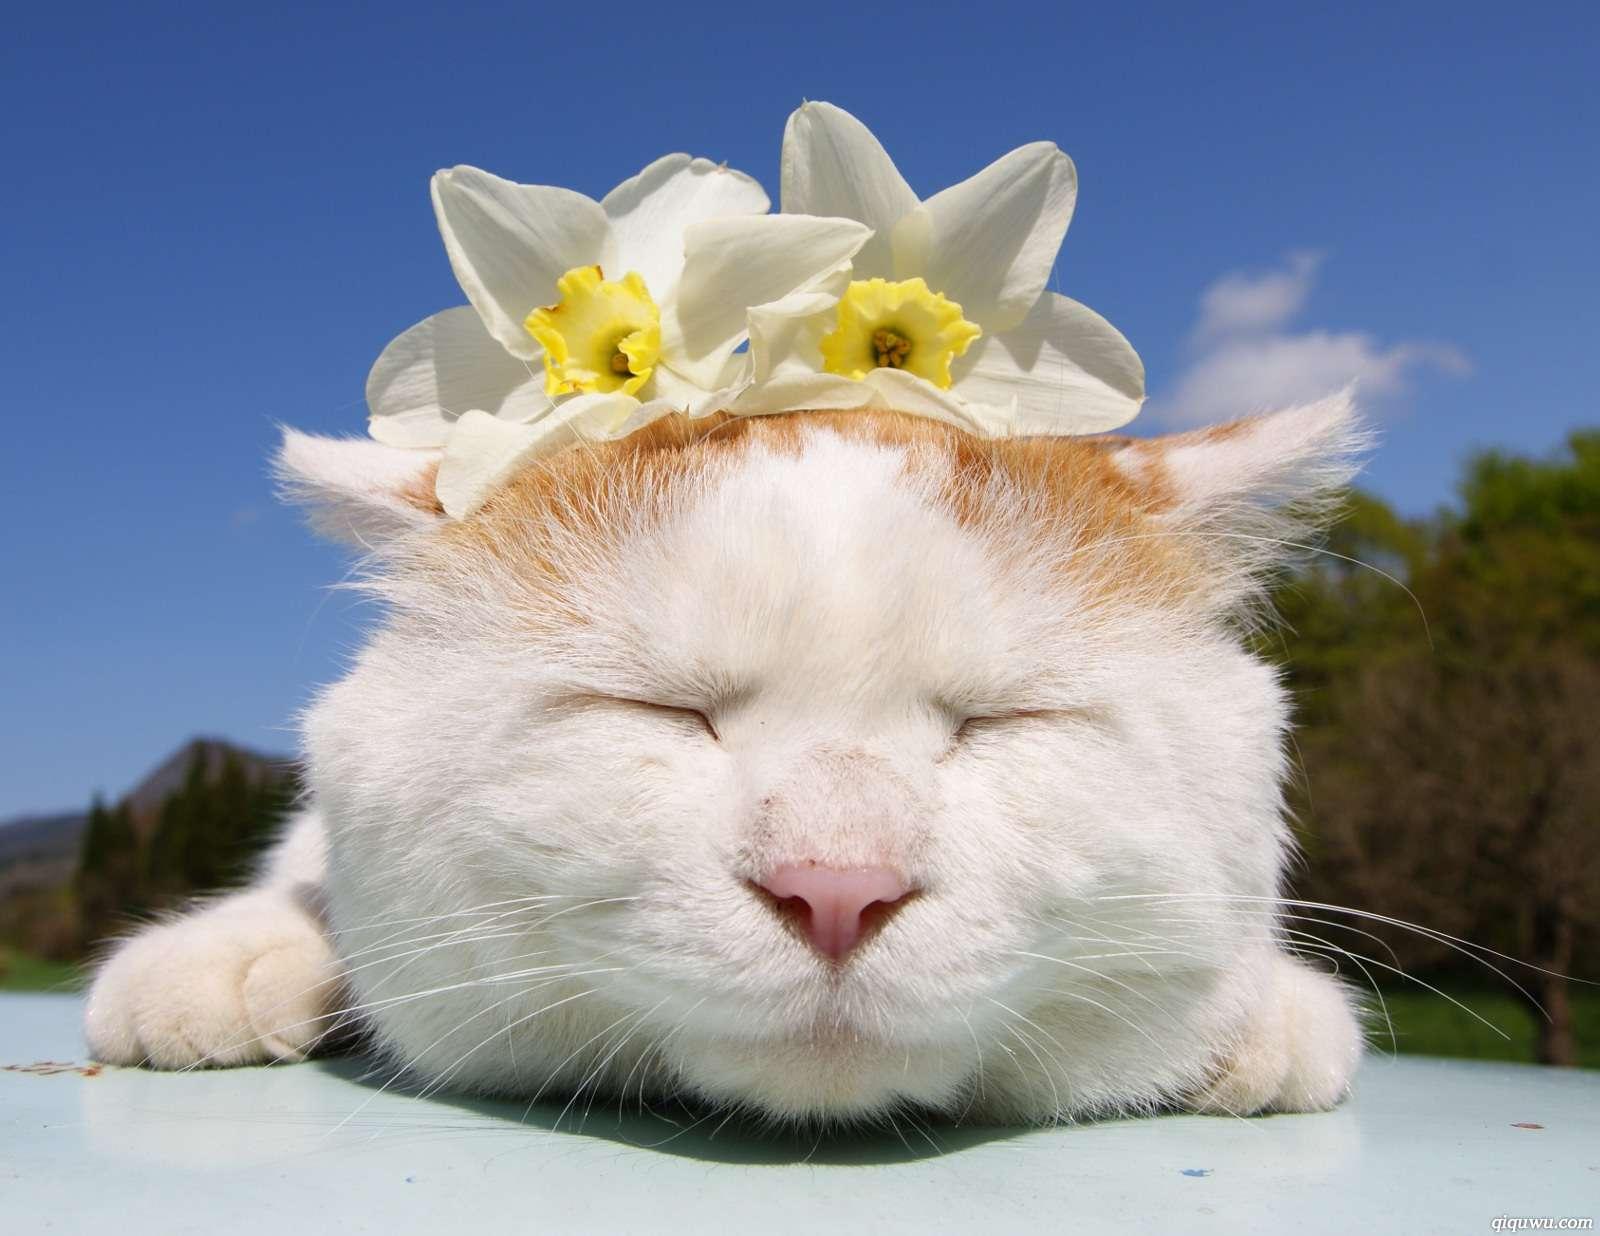 资讯配图_商务部网站新闻配图误用猫叔照片网友大呼被